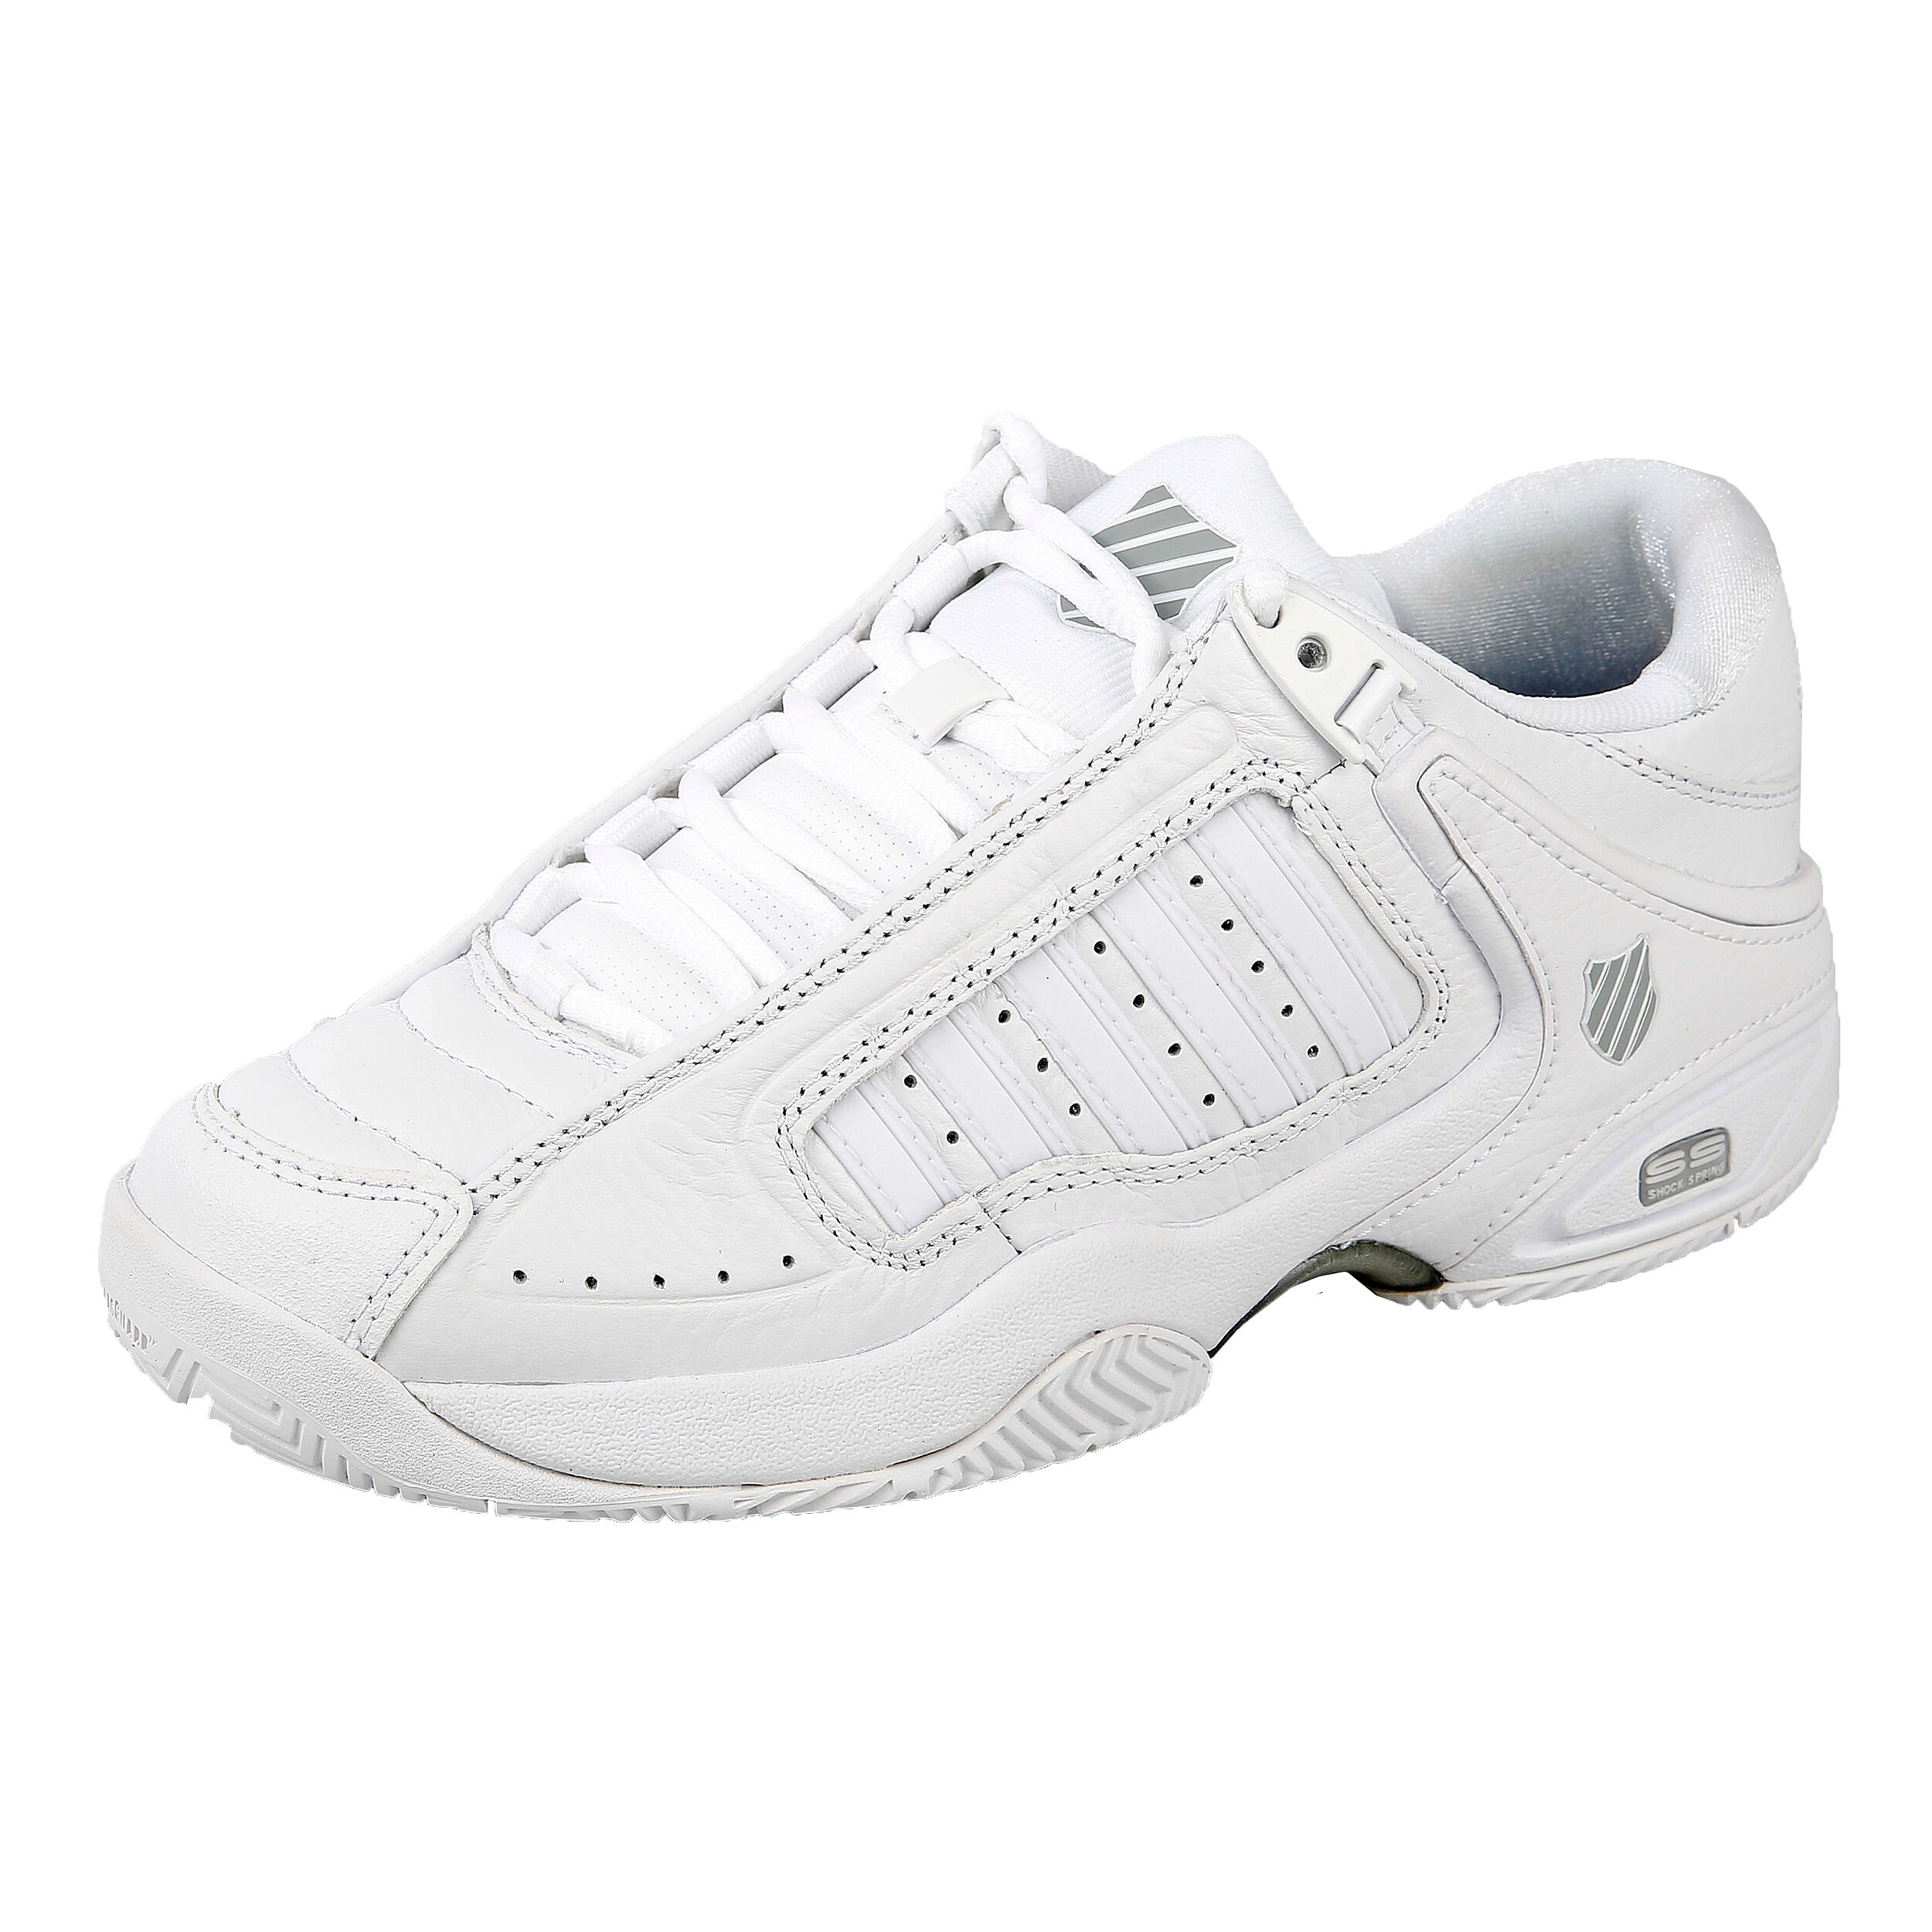 Fournisseur De Parite soldes chaussures de tennis enfants